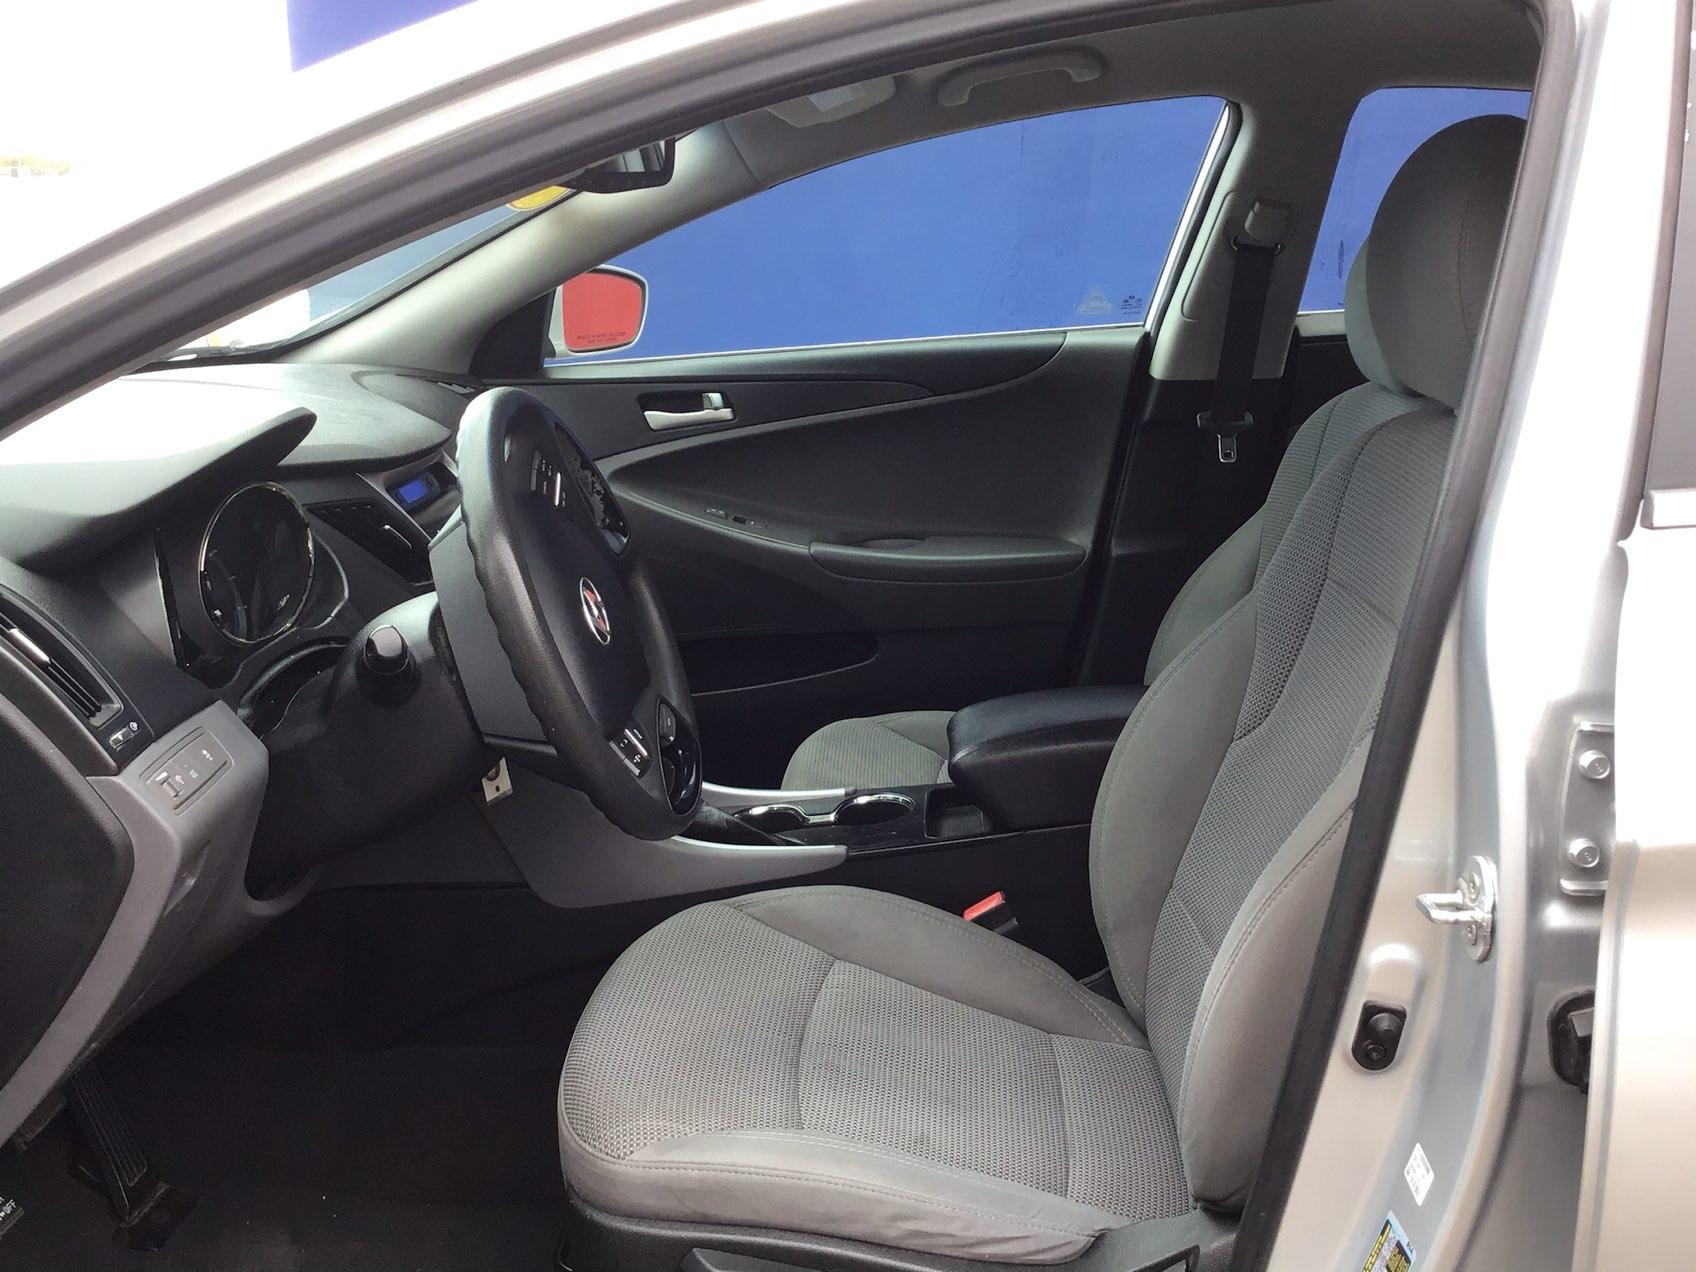 used vehicle - Sedan HYUNDAI SONATA 2013